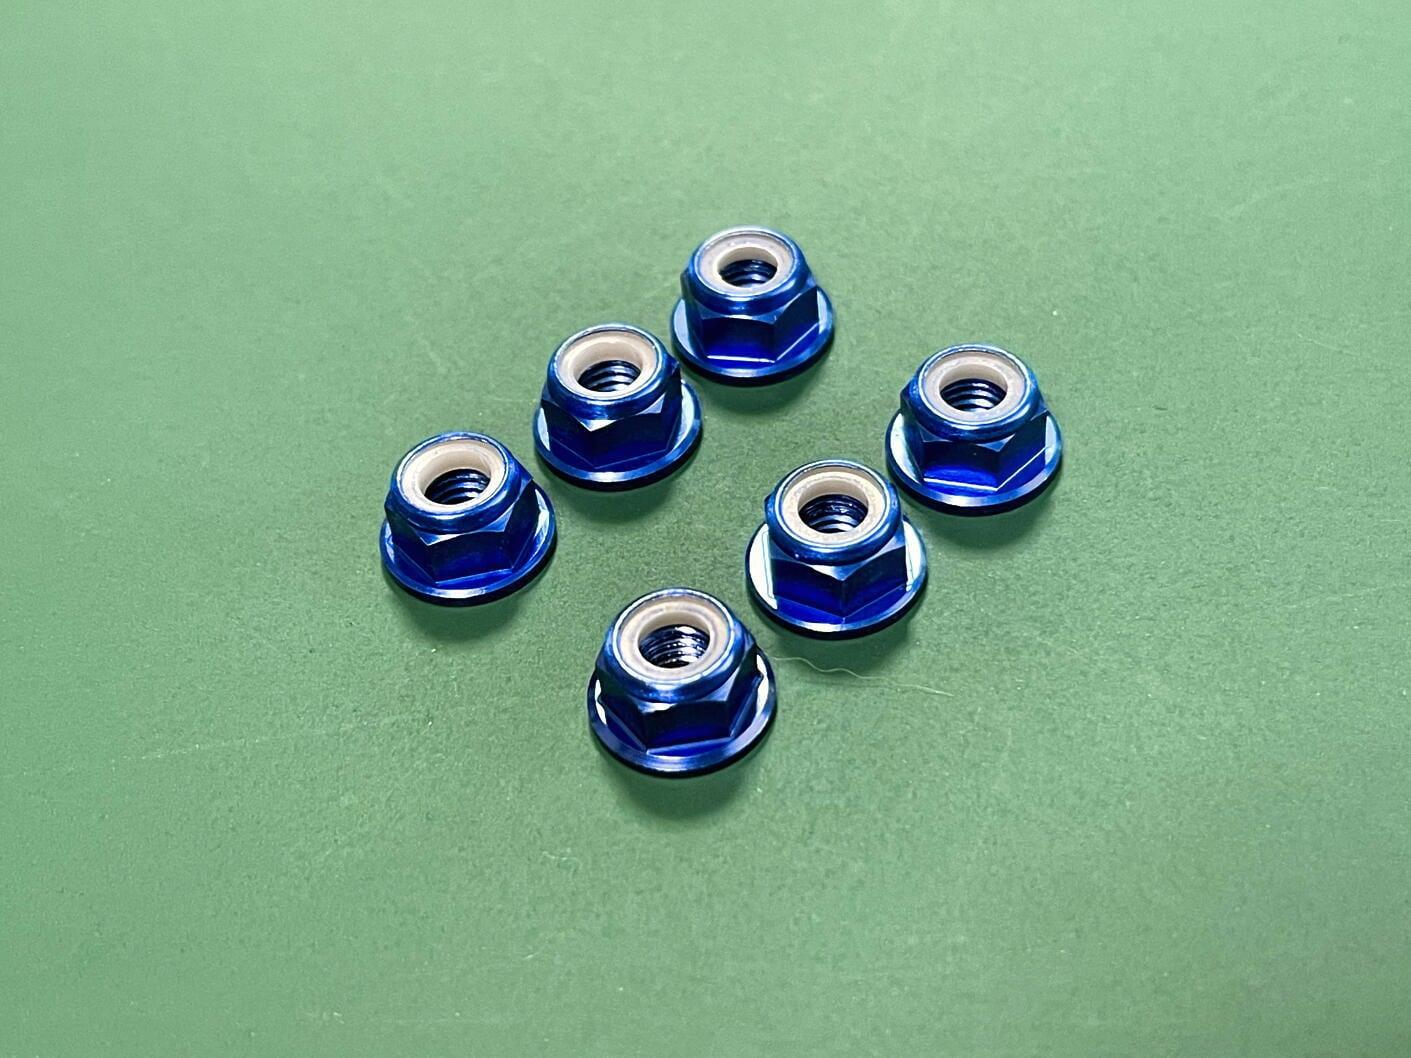 ◆アルミフランジロックナット (深ブルー6個セット) CW正回転